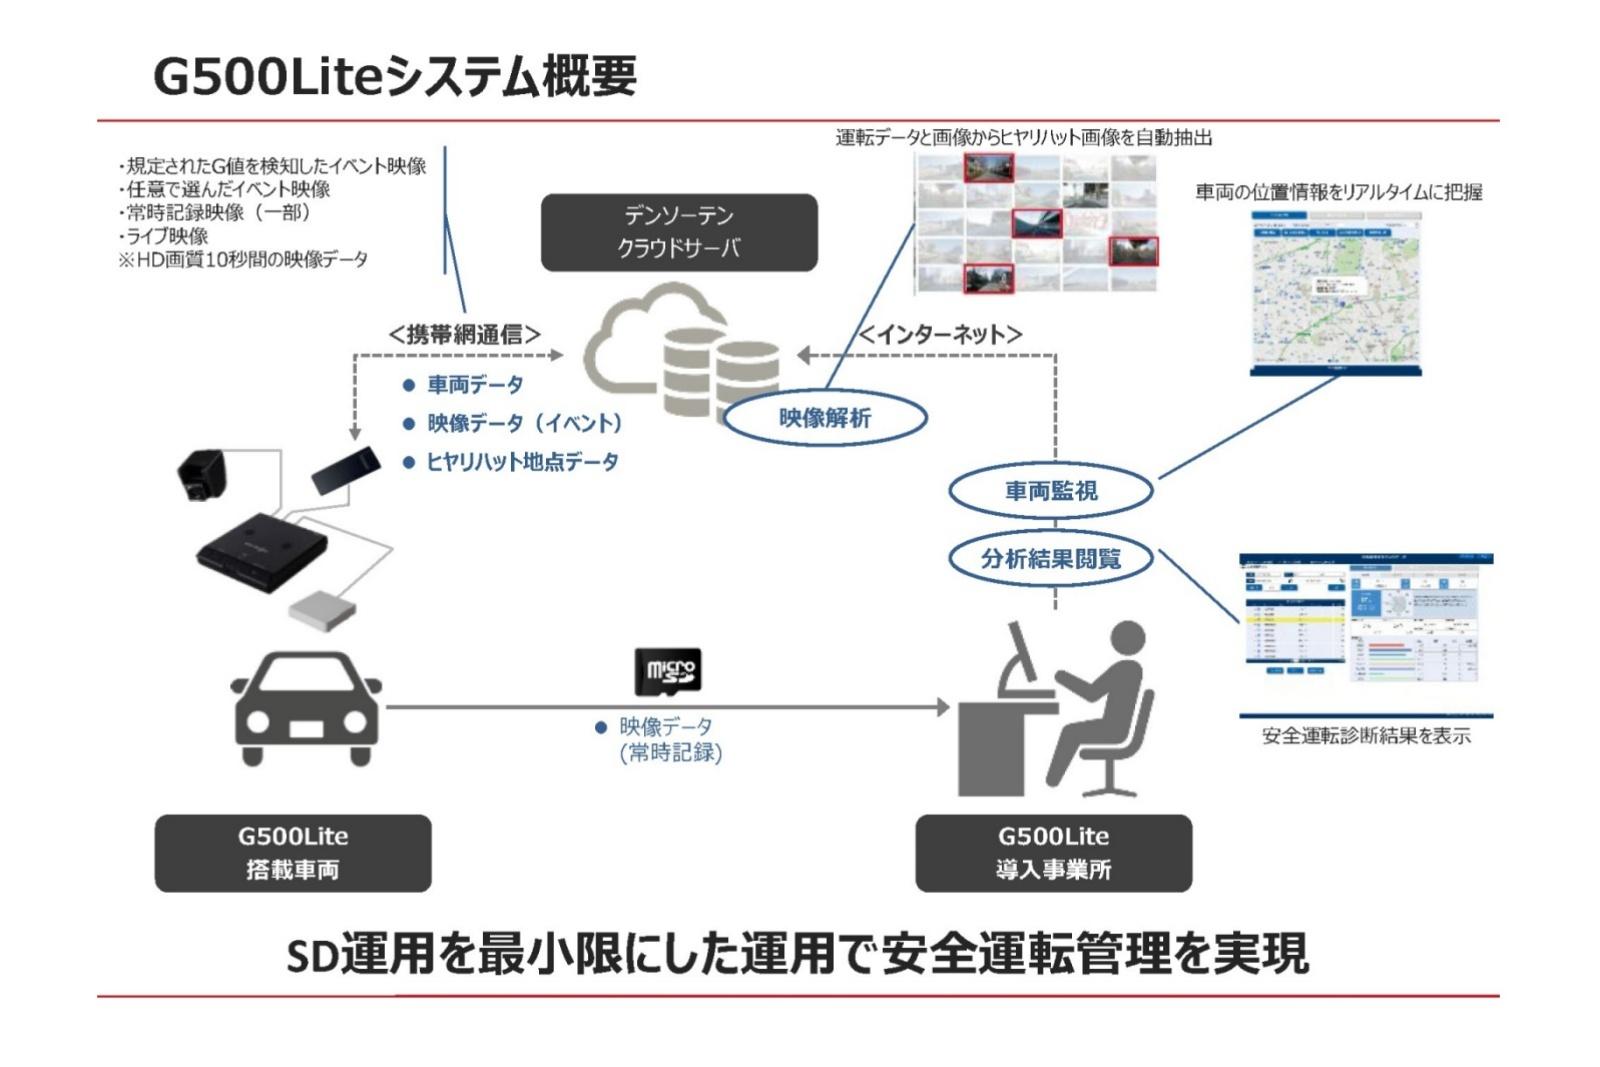 「G500Lite」のシステム構成